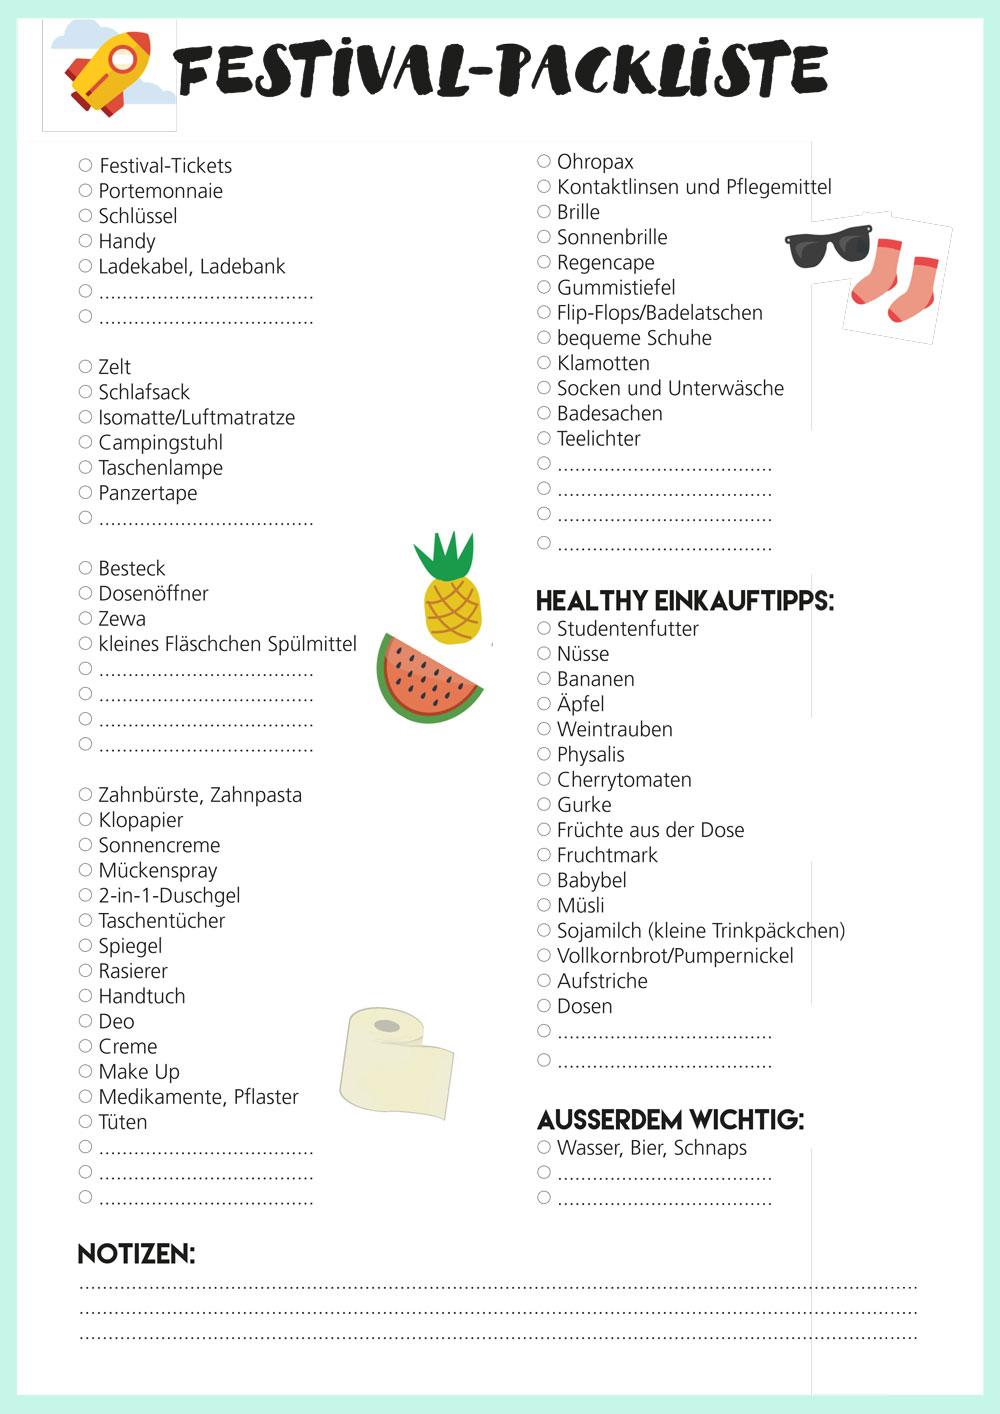 Festival-Packliste-gesunde-Ernährung-auf-einem-Festival-Tipps